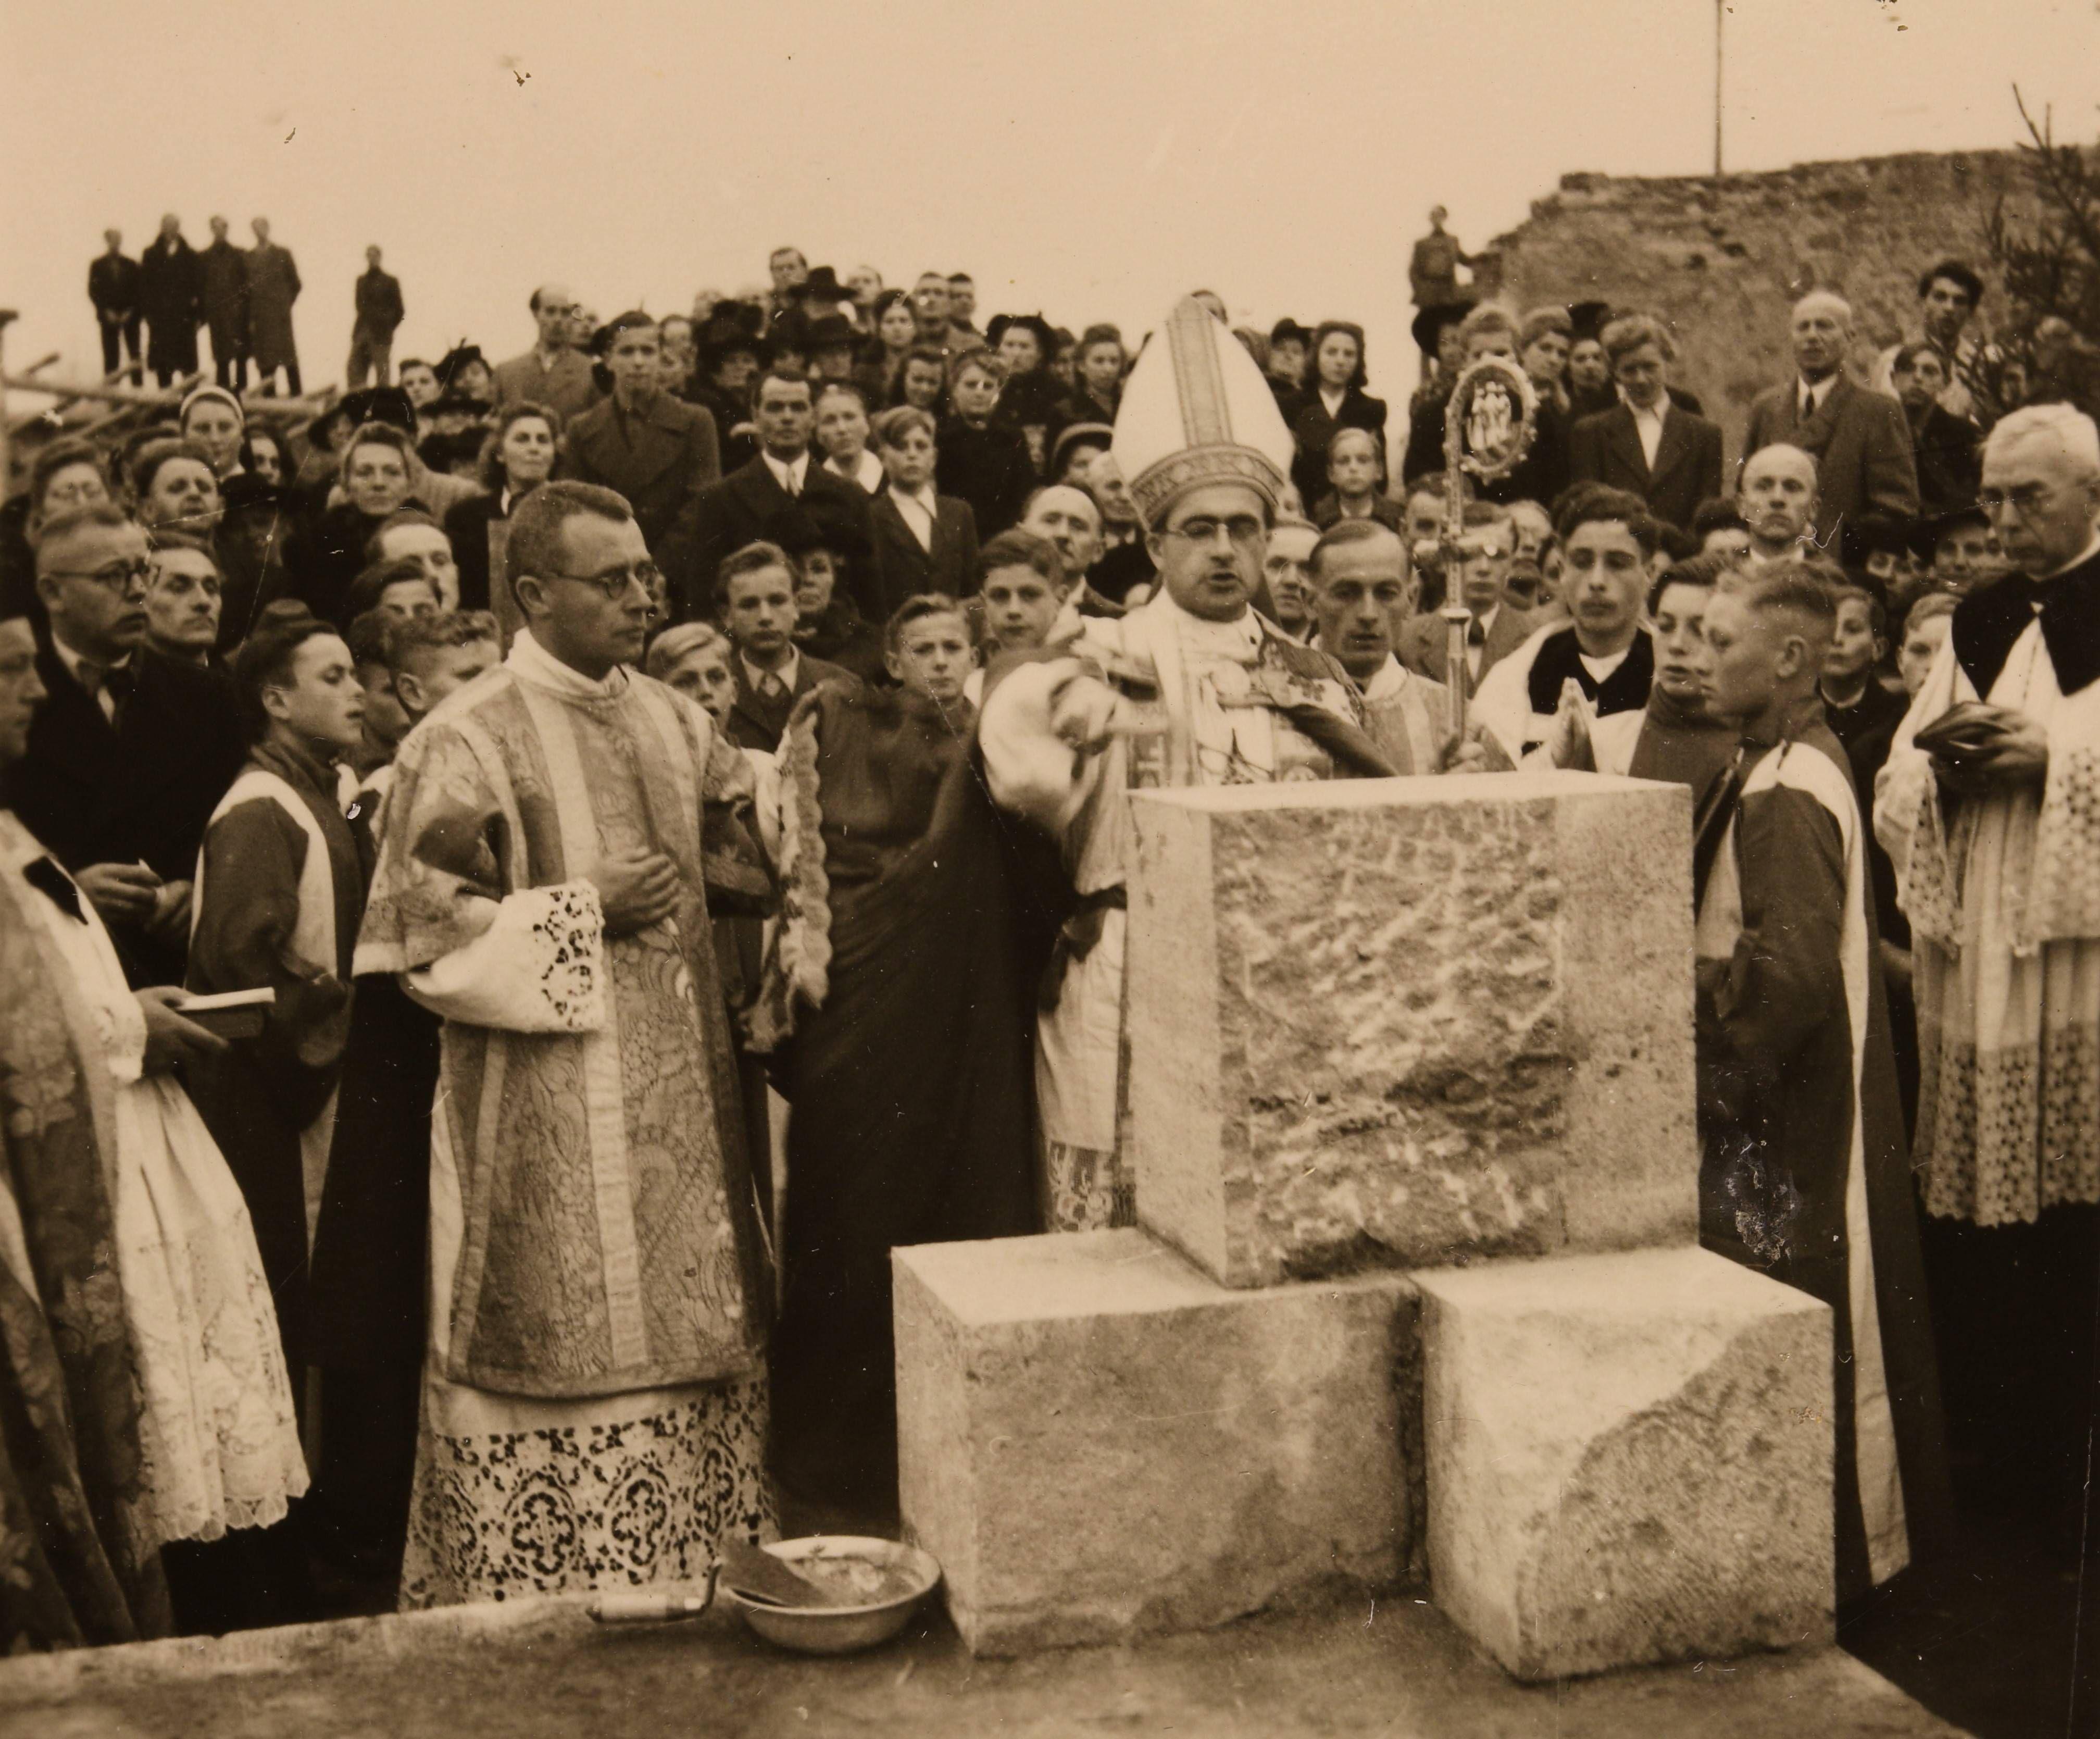 Bischof Julius Döpfner segnete bei der Grundsteinlegung am 31. Oktober 1948 drei mächtige Muschelkalkquader, assistiert vom späteren Bischof Josef Stangl (links).